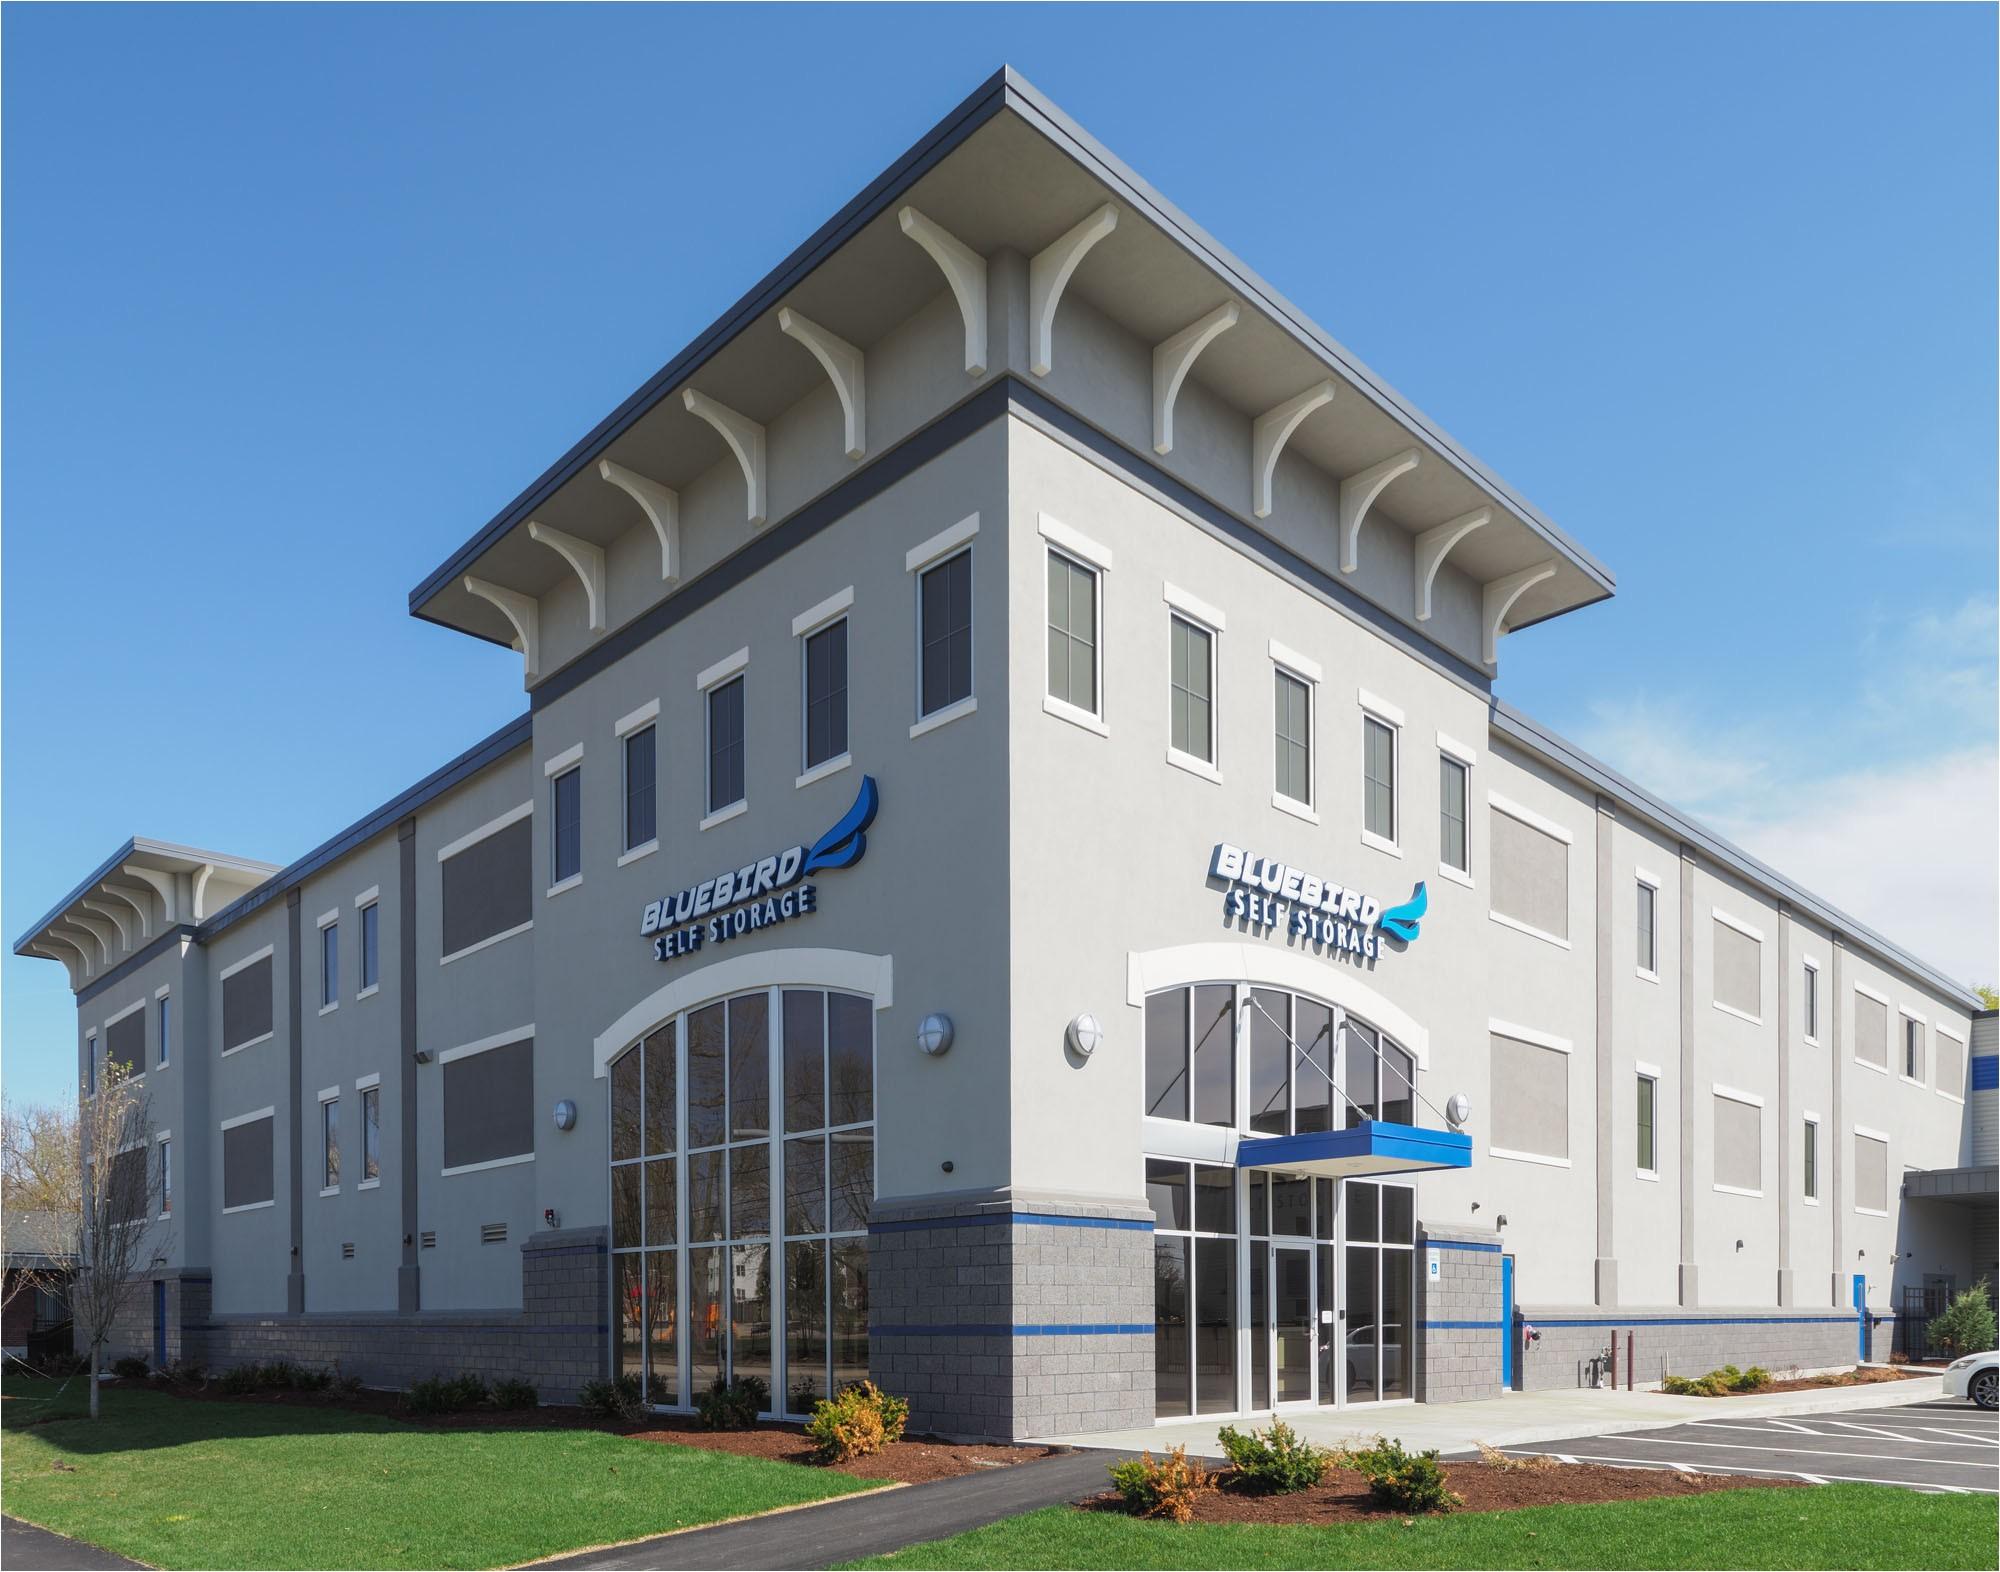 Bluebird Storage Rochester Nh Self Storage Units In Hooksett Nh Bluebird Self Storage